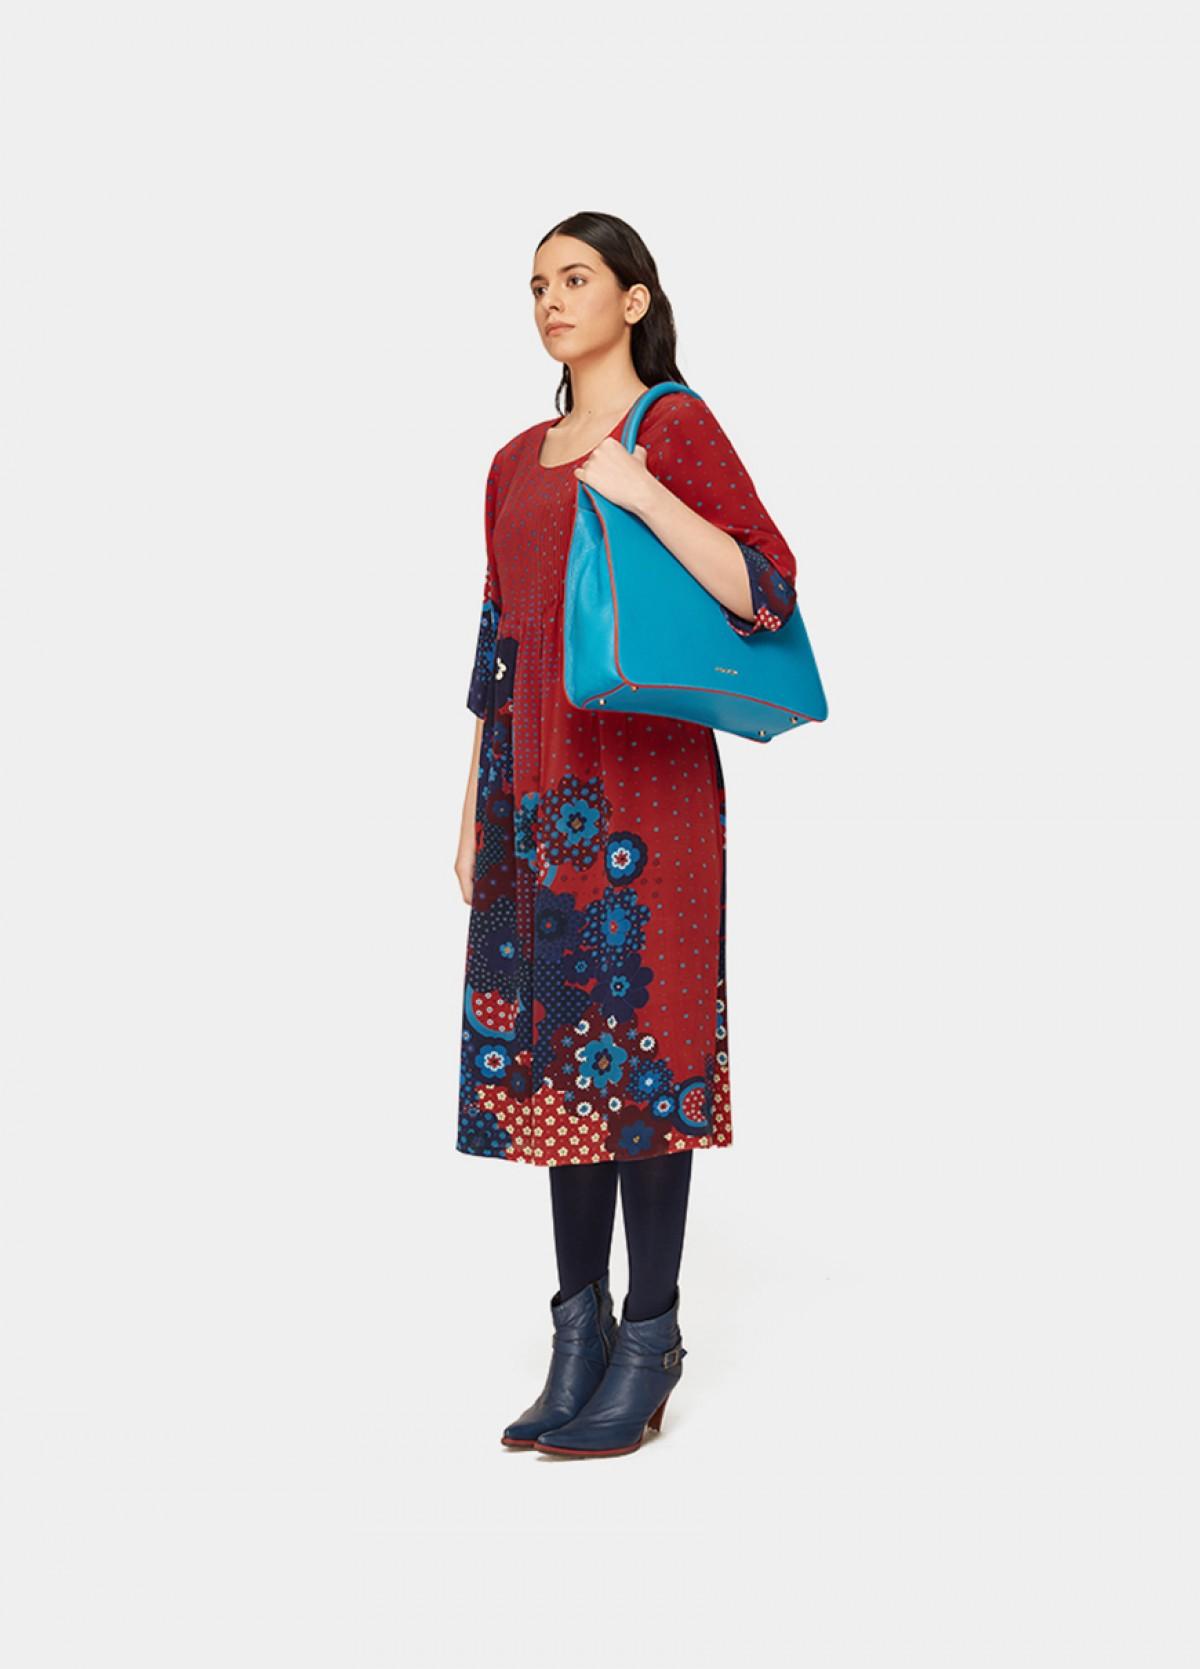 The Rimo Handbag